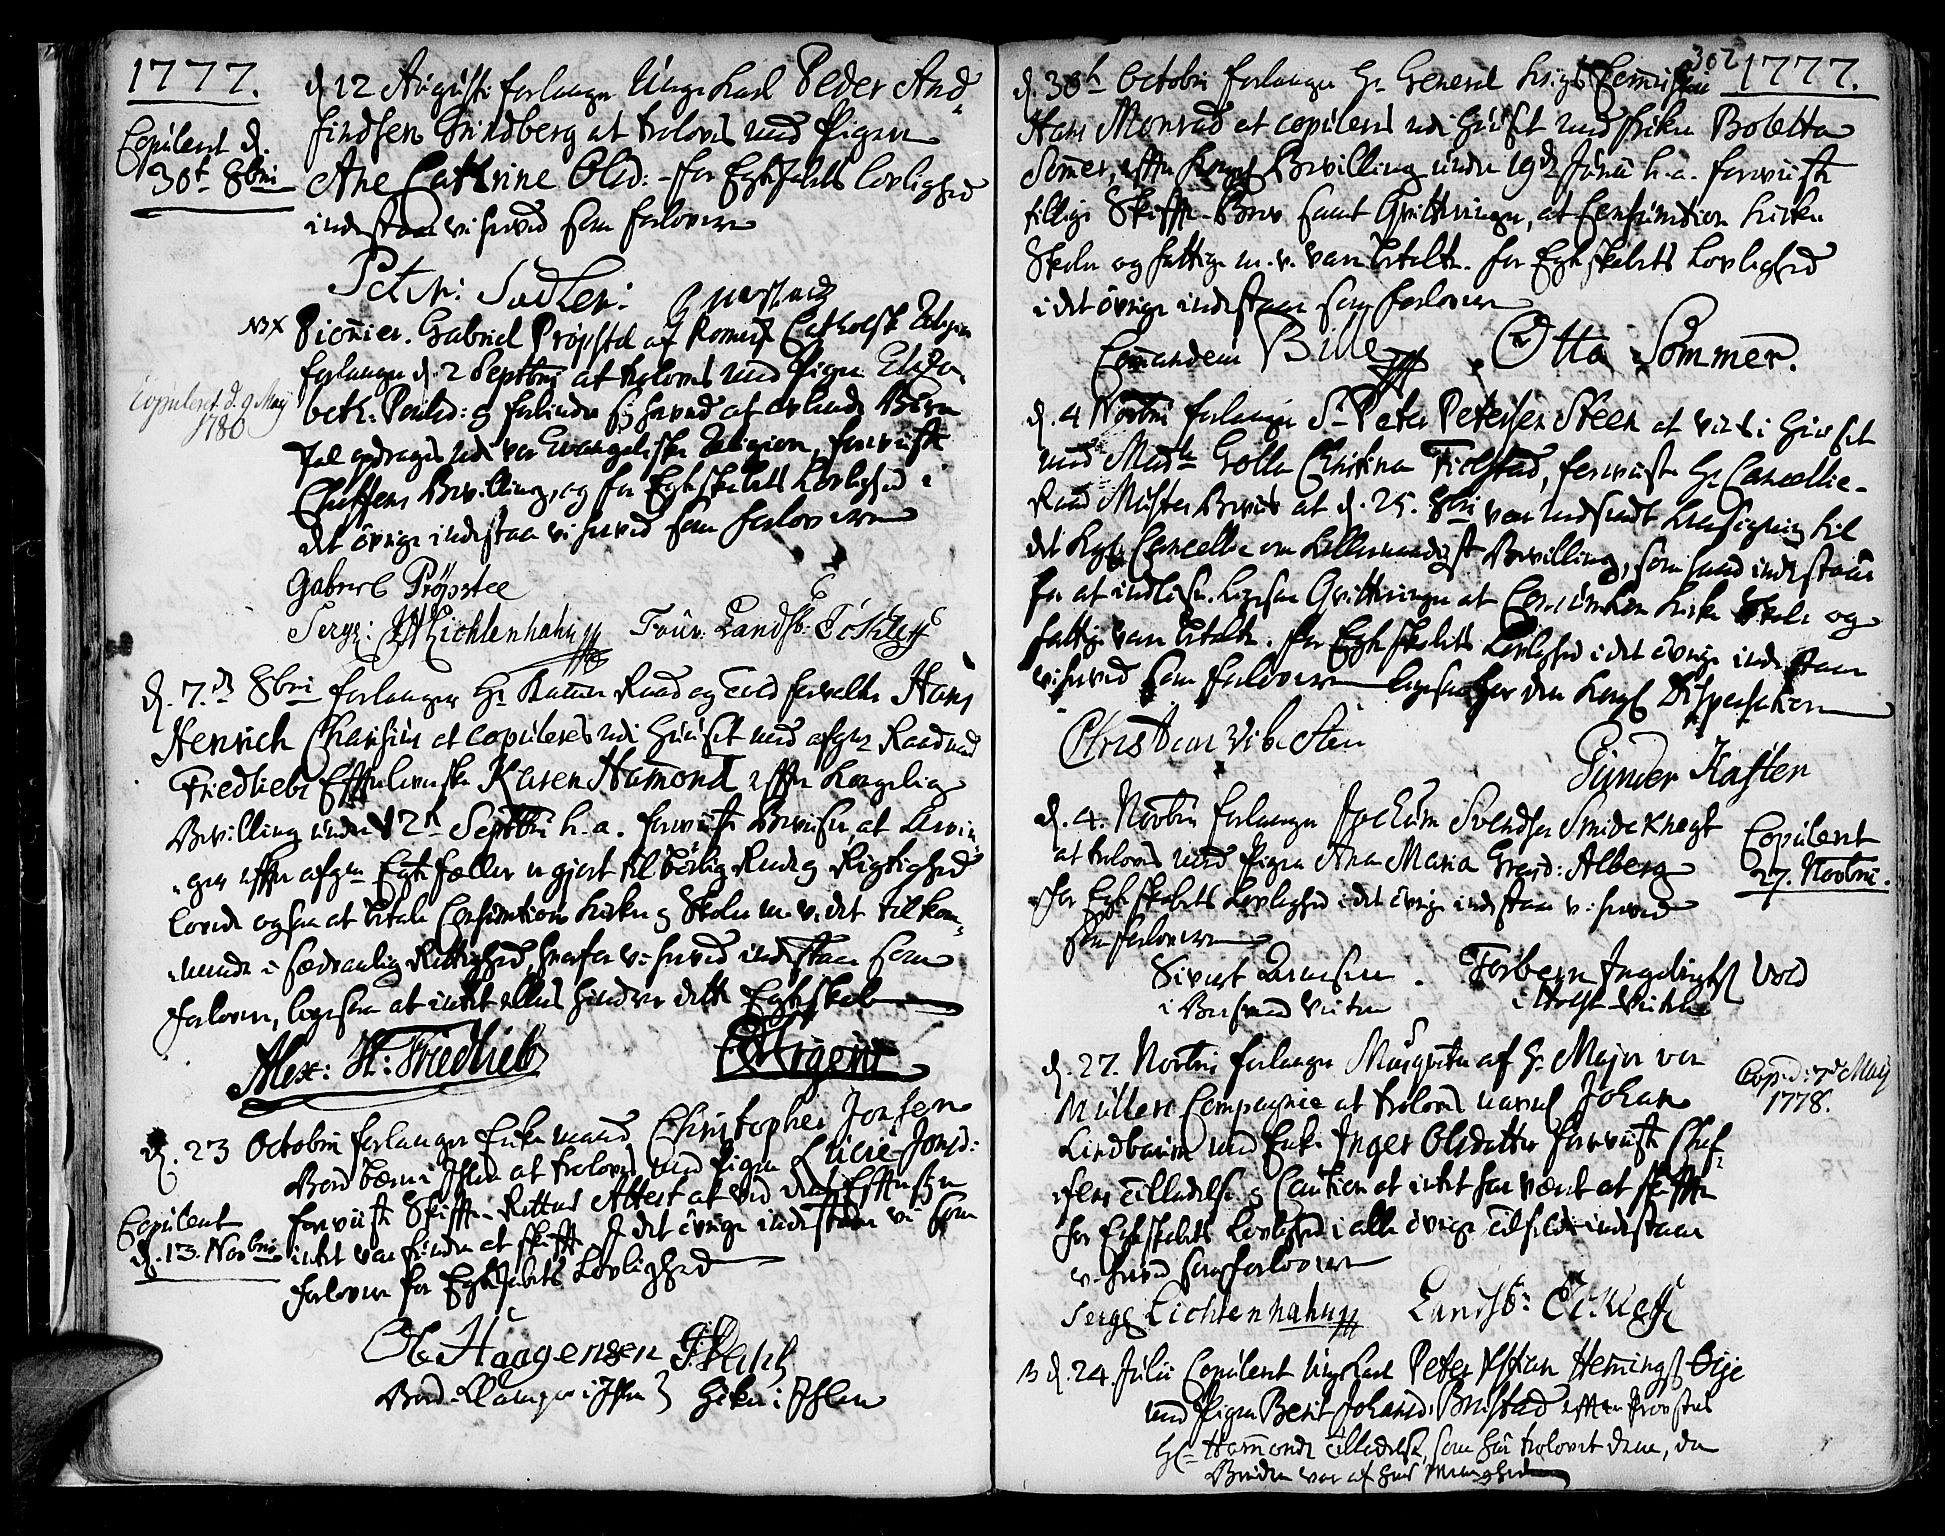 SAT, Ministerialprotokoller, klokkerbøker og fødselsregistre - Sør-Trøndelag, 601/L0038: Ministerialbok nr. 601A06, 1766-1877, s. 302